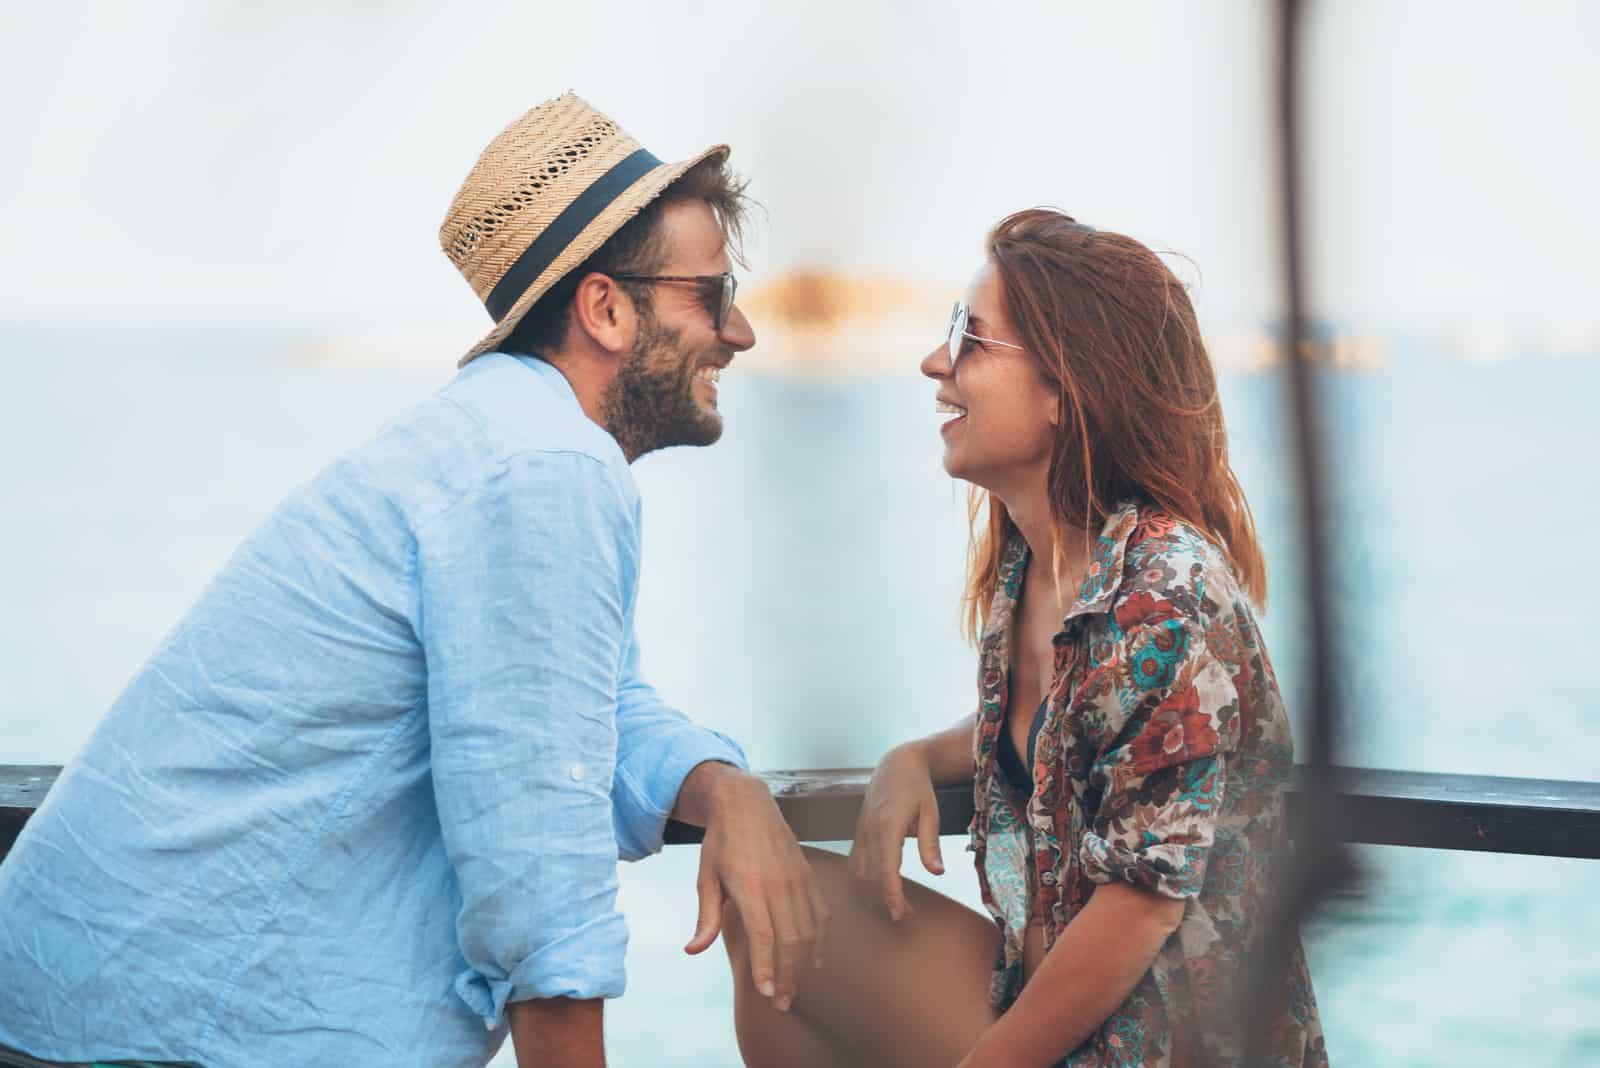 un homme et une femme souriants se regardent et rient